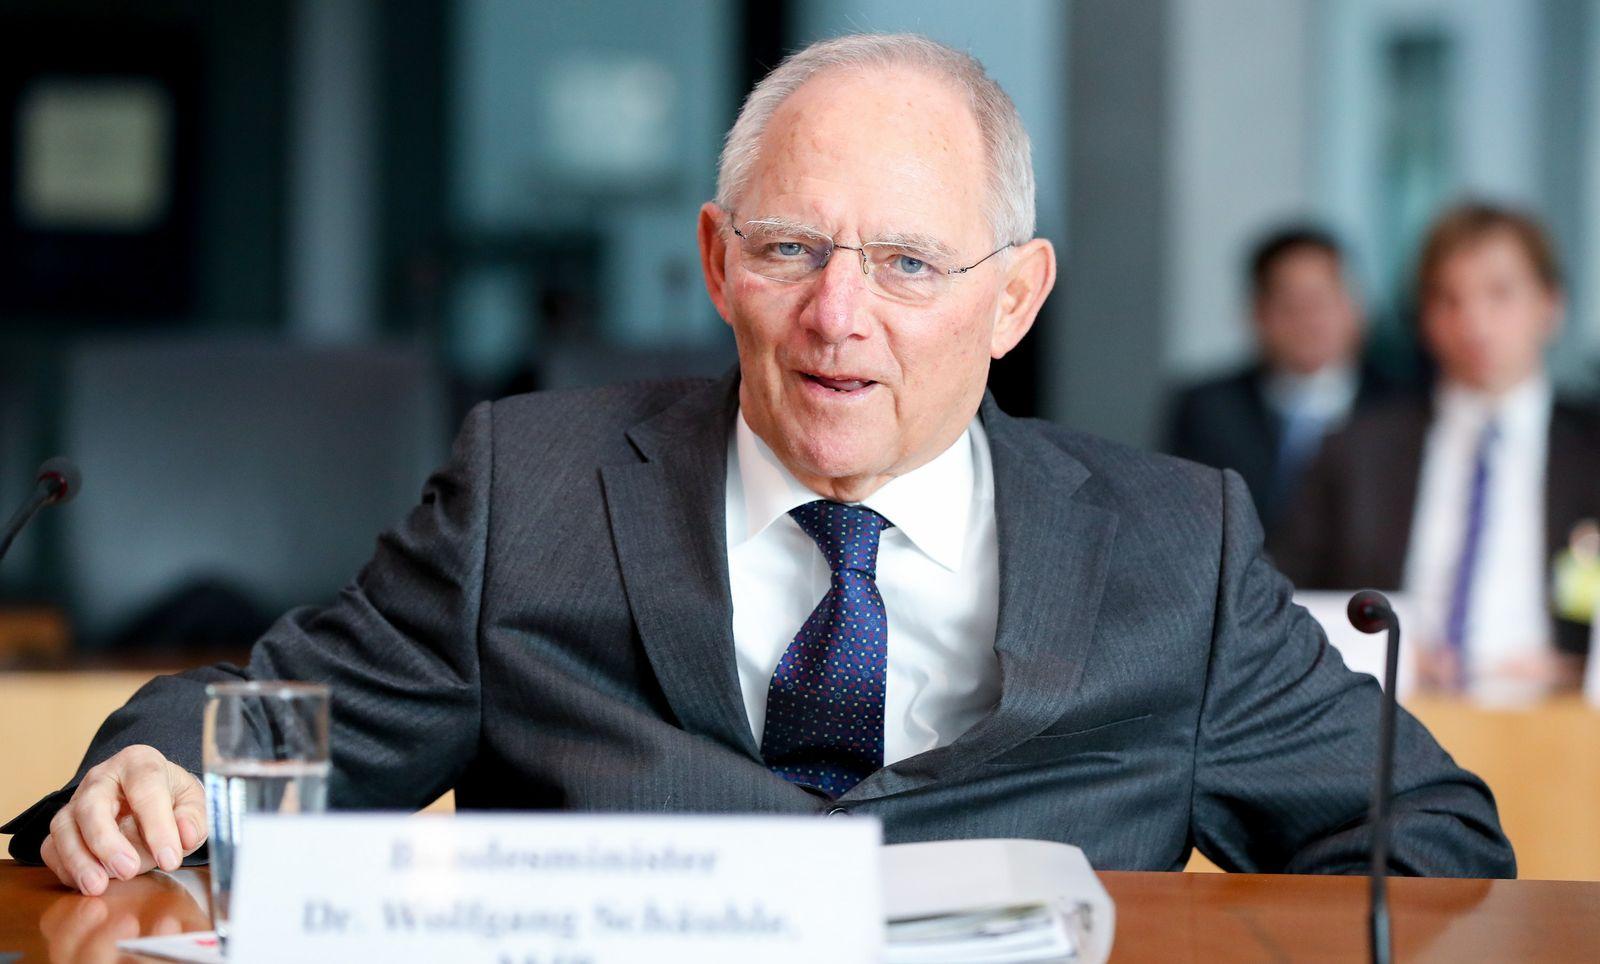 Schäuble / Untersuchungsausschuss